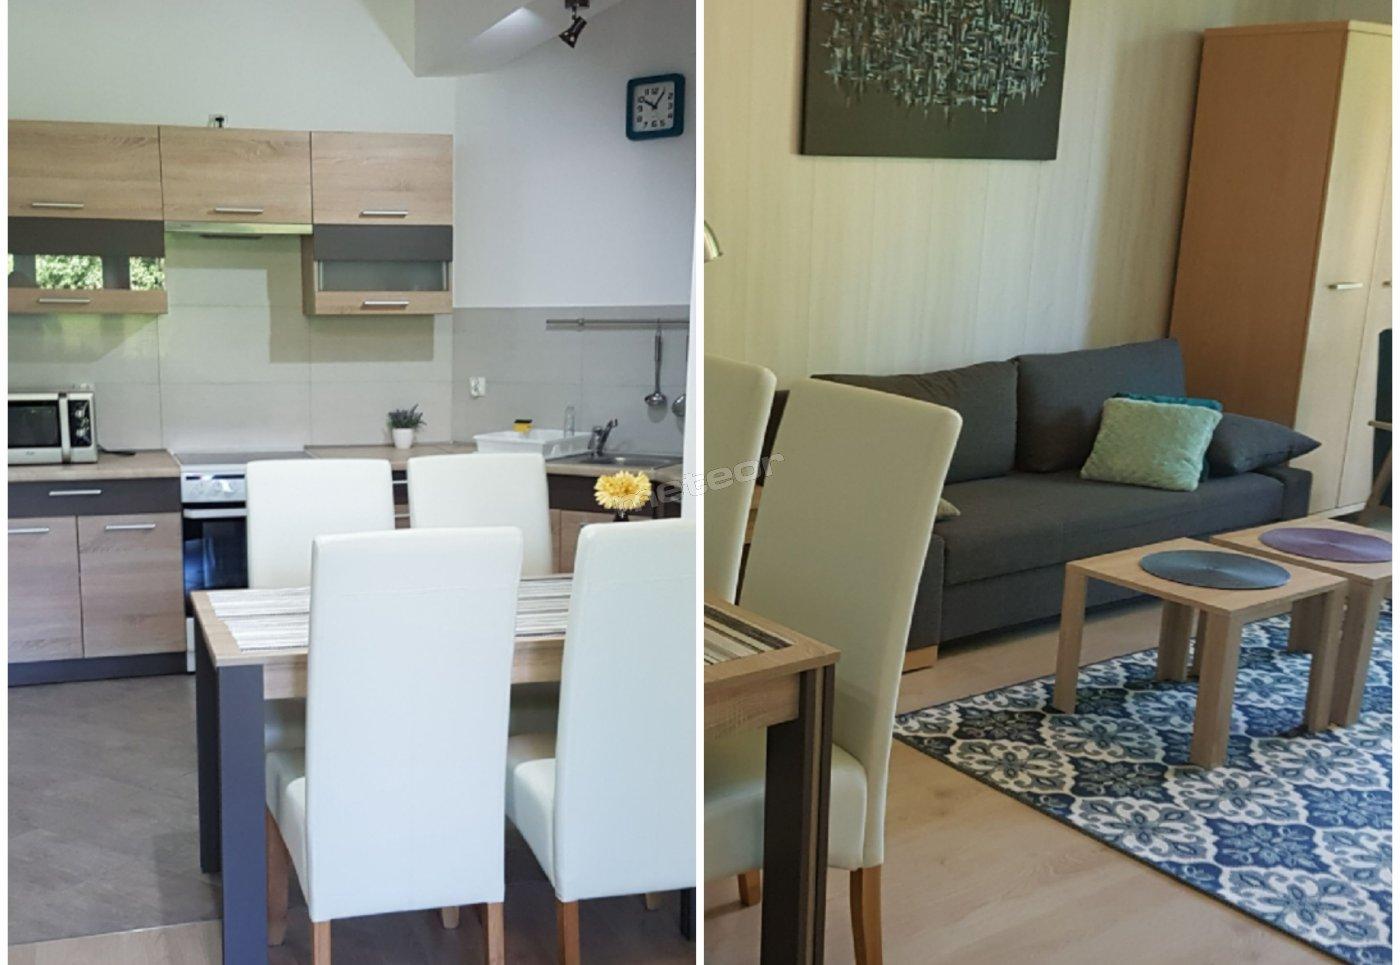 W pełni wyposażona kuchnia, wygodne miejsce do przygotowania i zjedzenia posiłków.